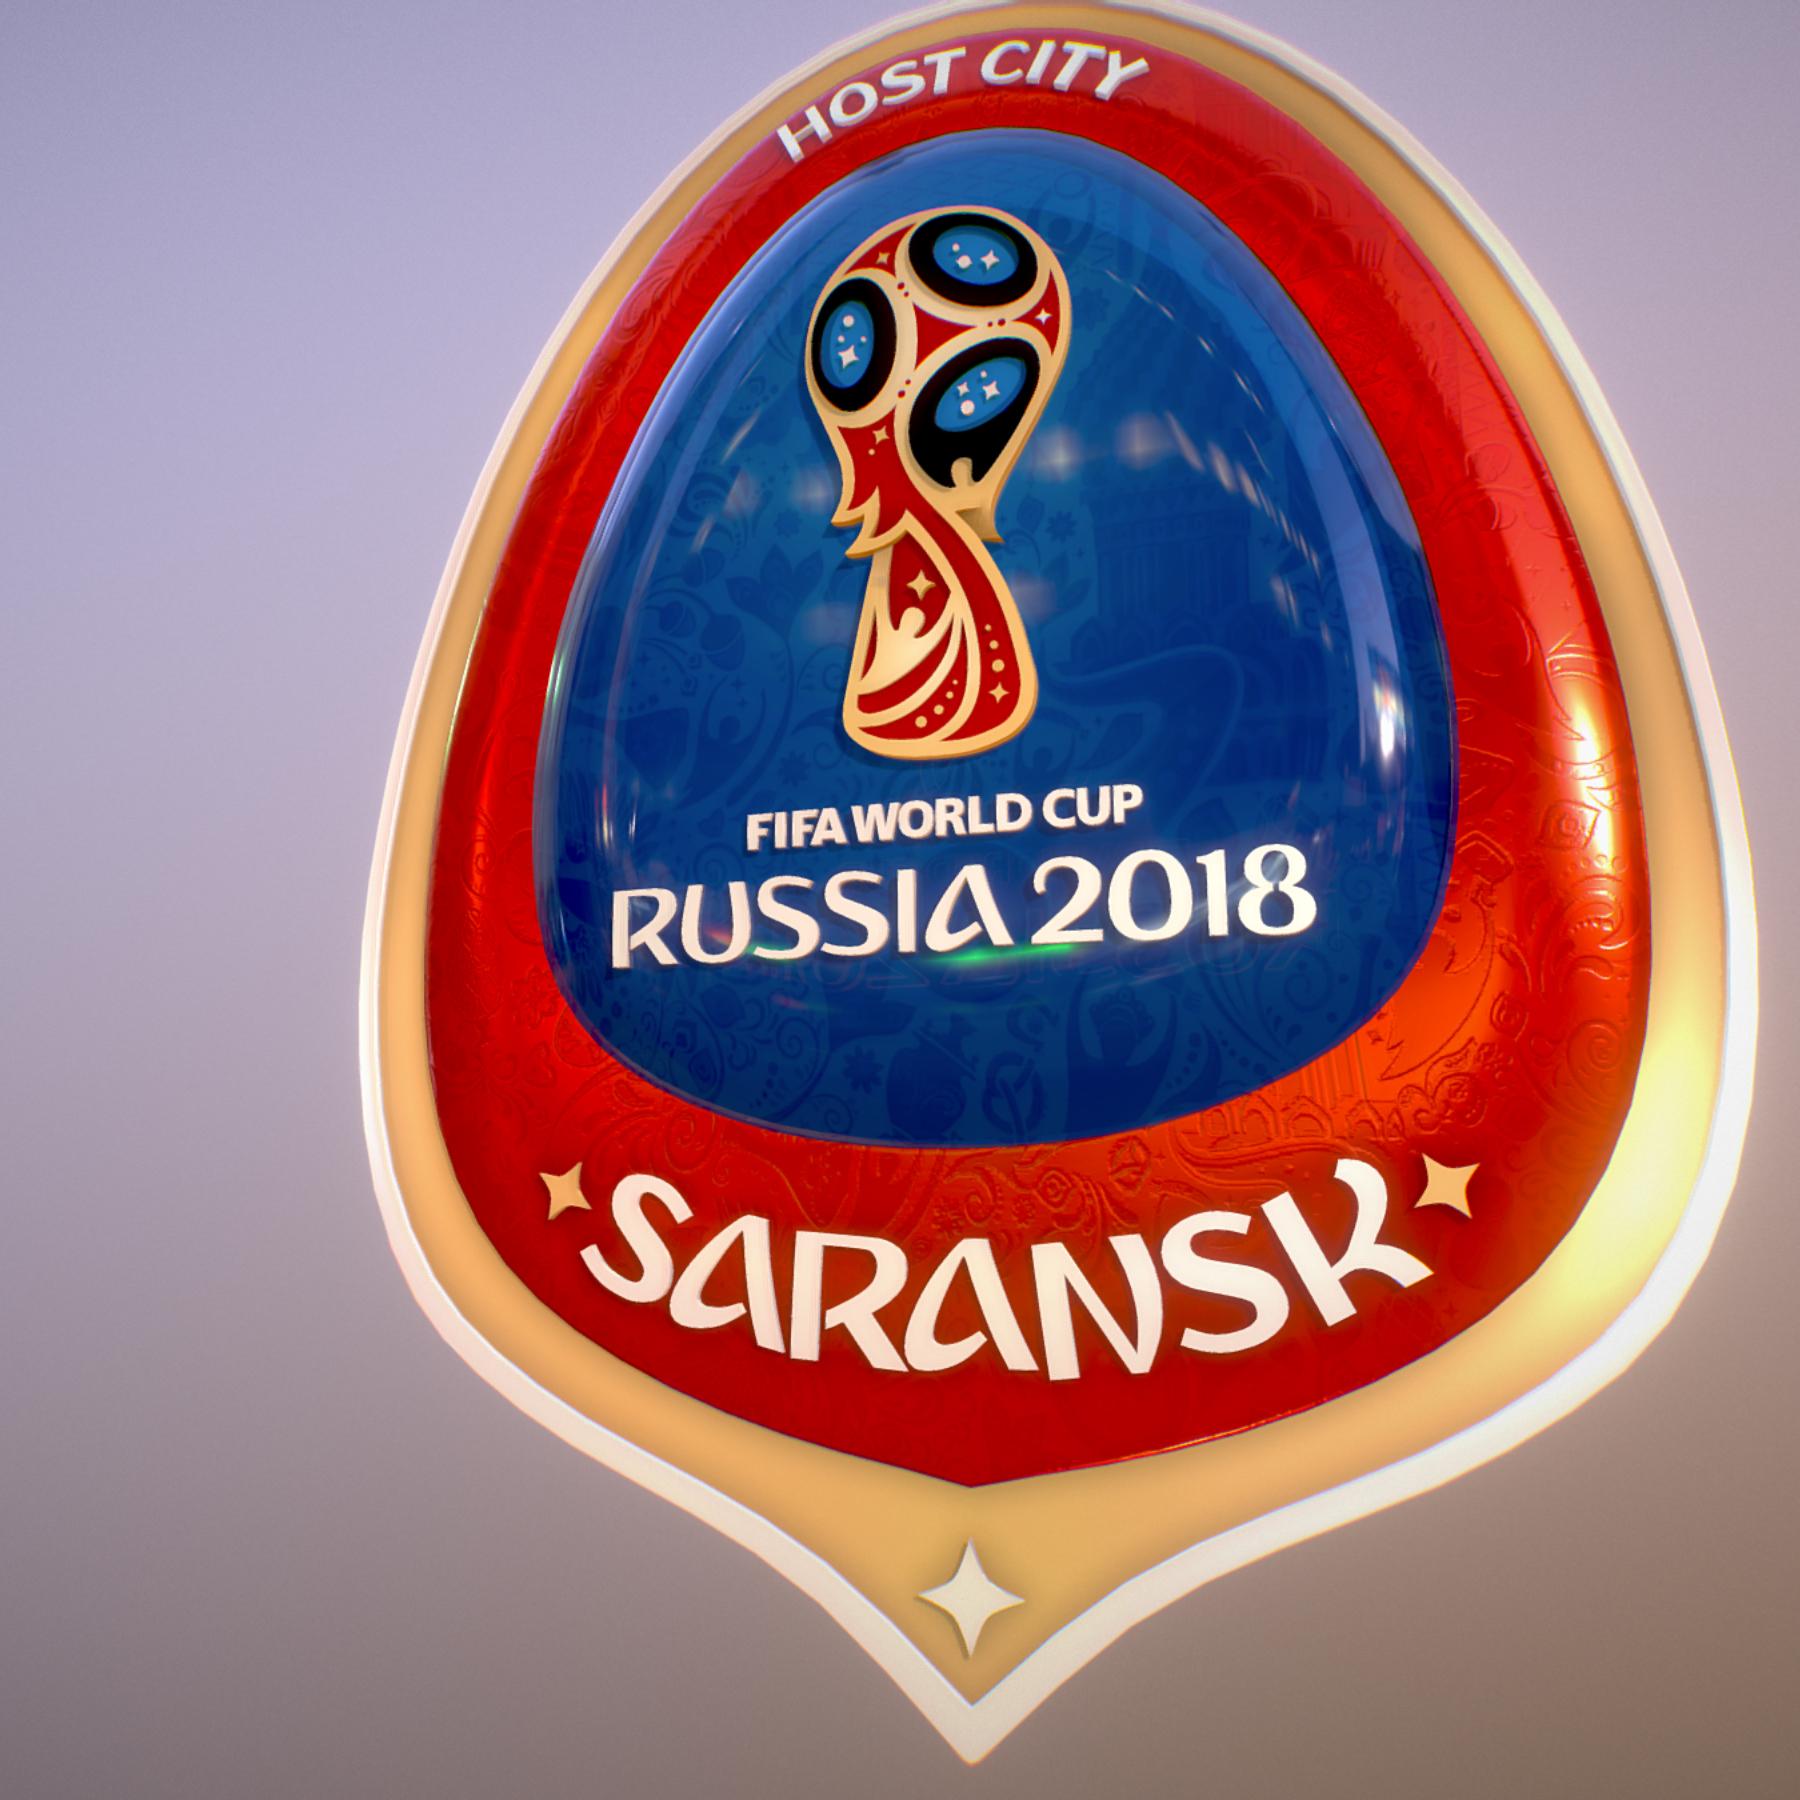 saransk domaćin grad svjetski kup rusija 2018 simbol 3d model max fbx cob jpeg jpg ma mb obj 271837